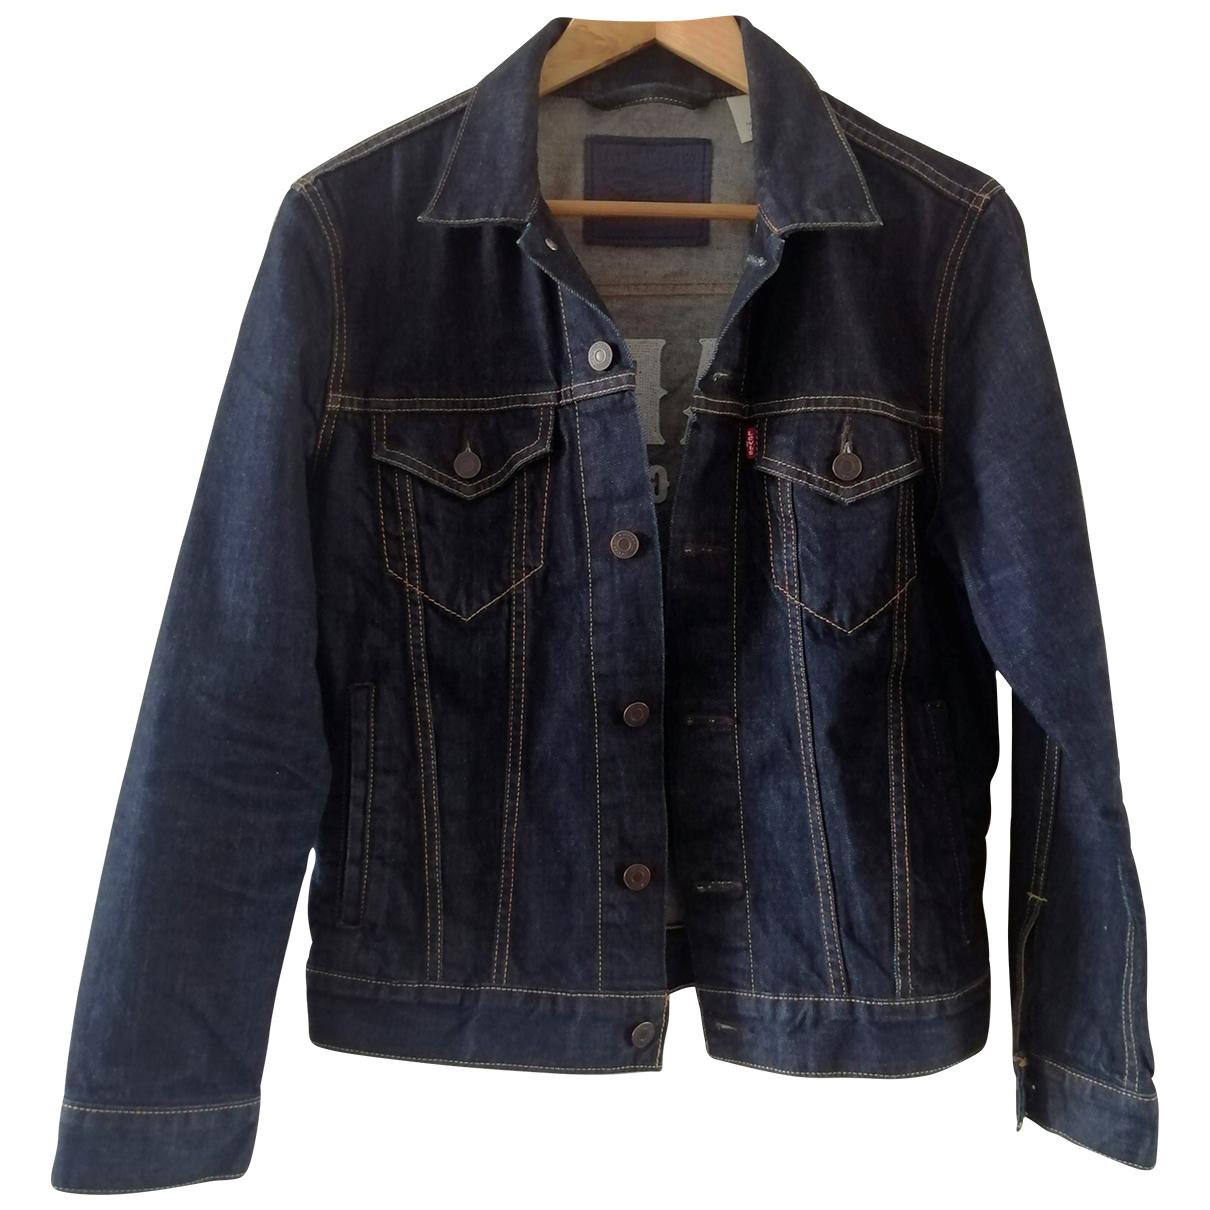 Levi's \N Blue Denim - Jeans jacket  for Men S International